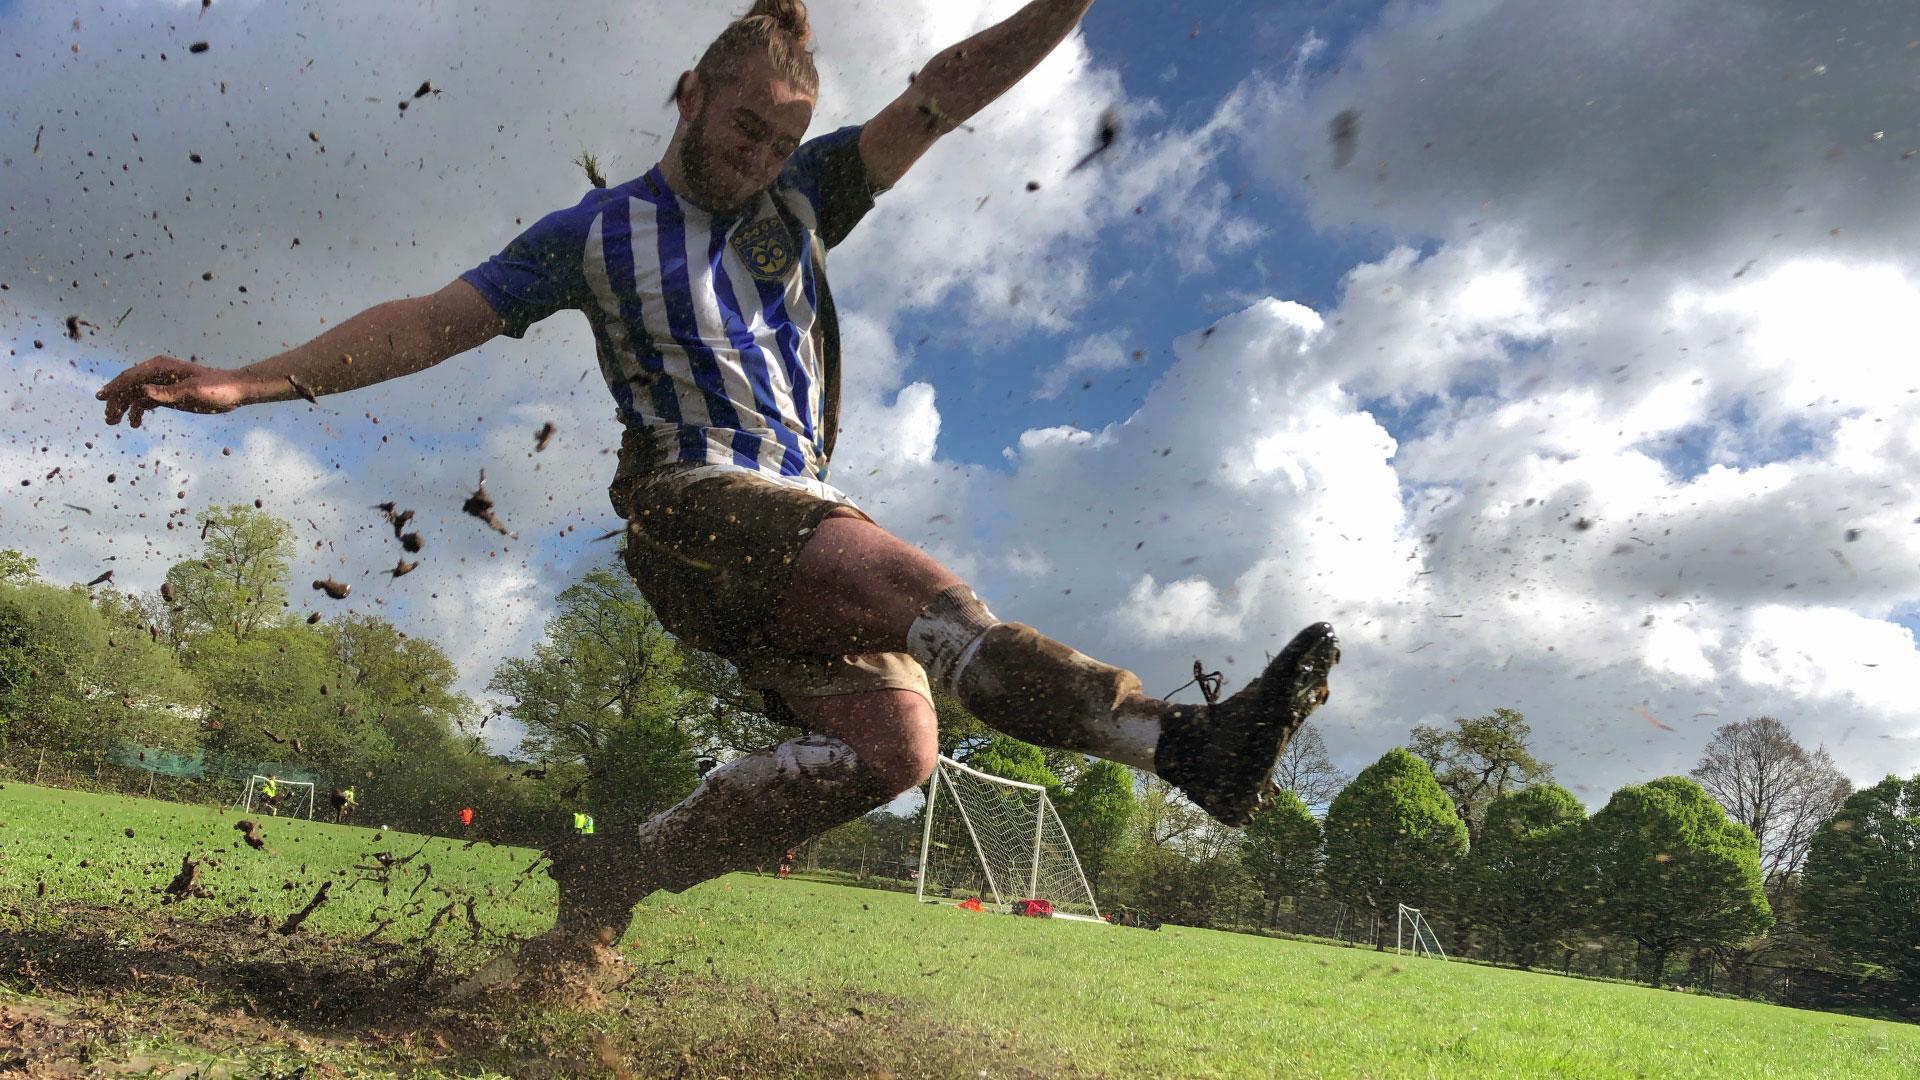 grass outdoor man person sport water sport jumping